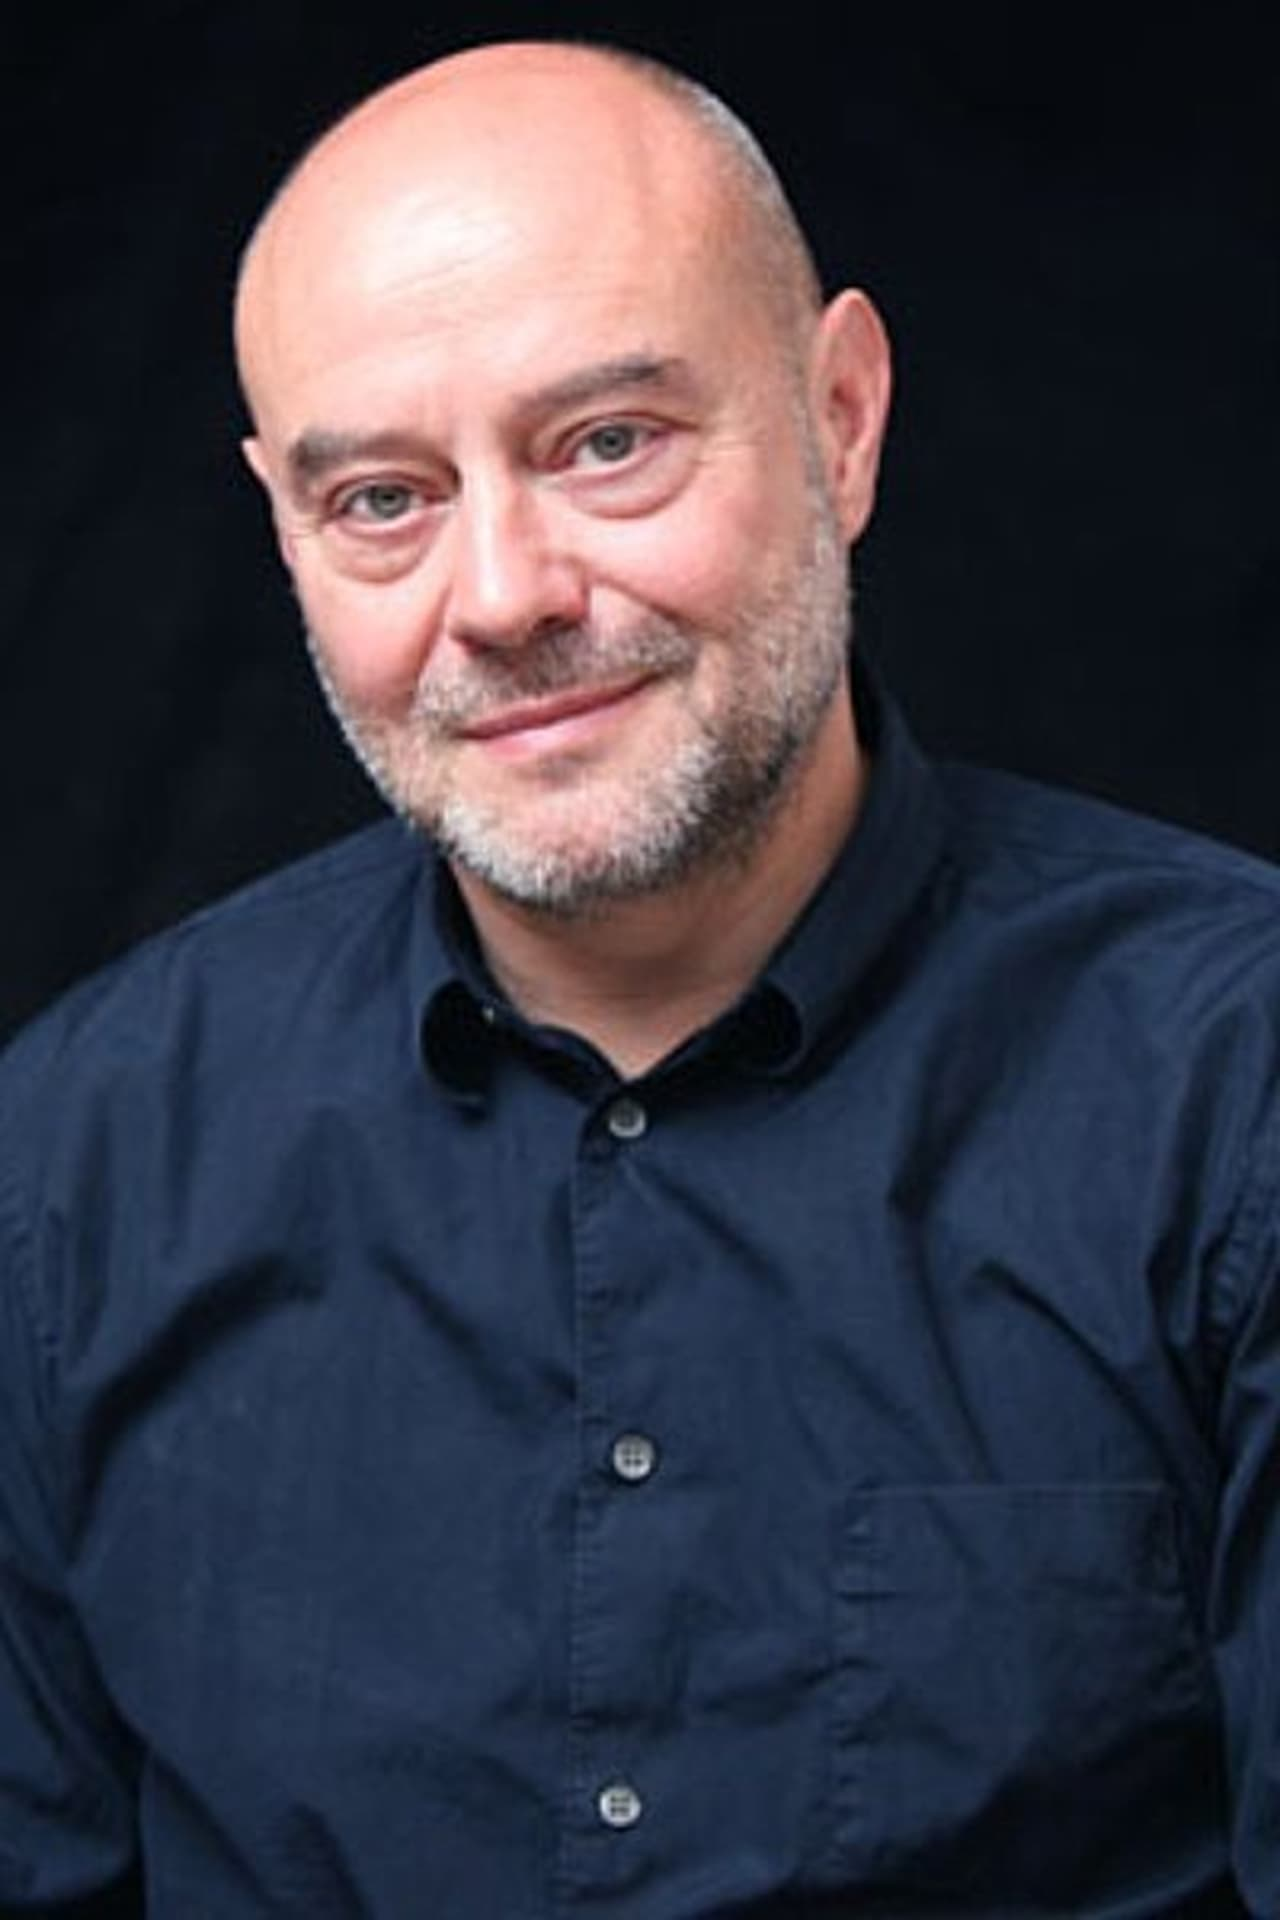 Steve Karier